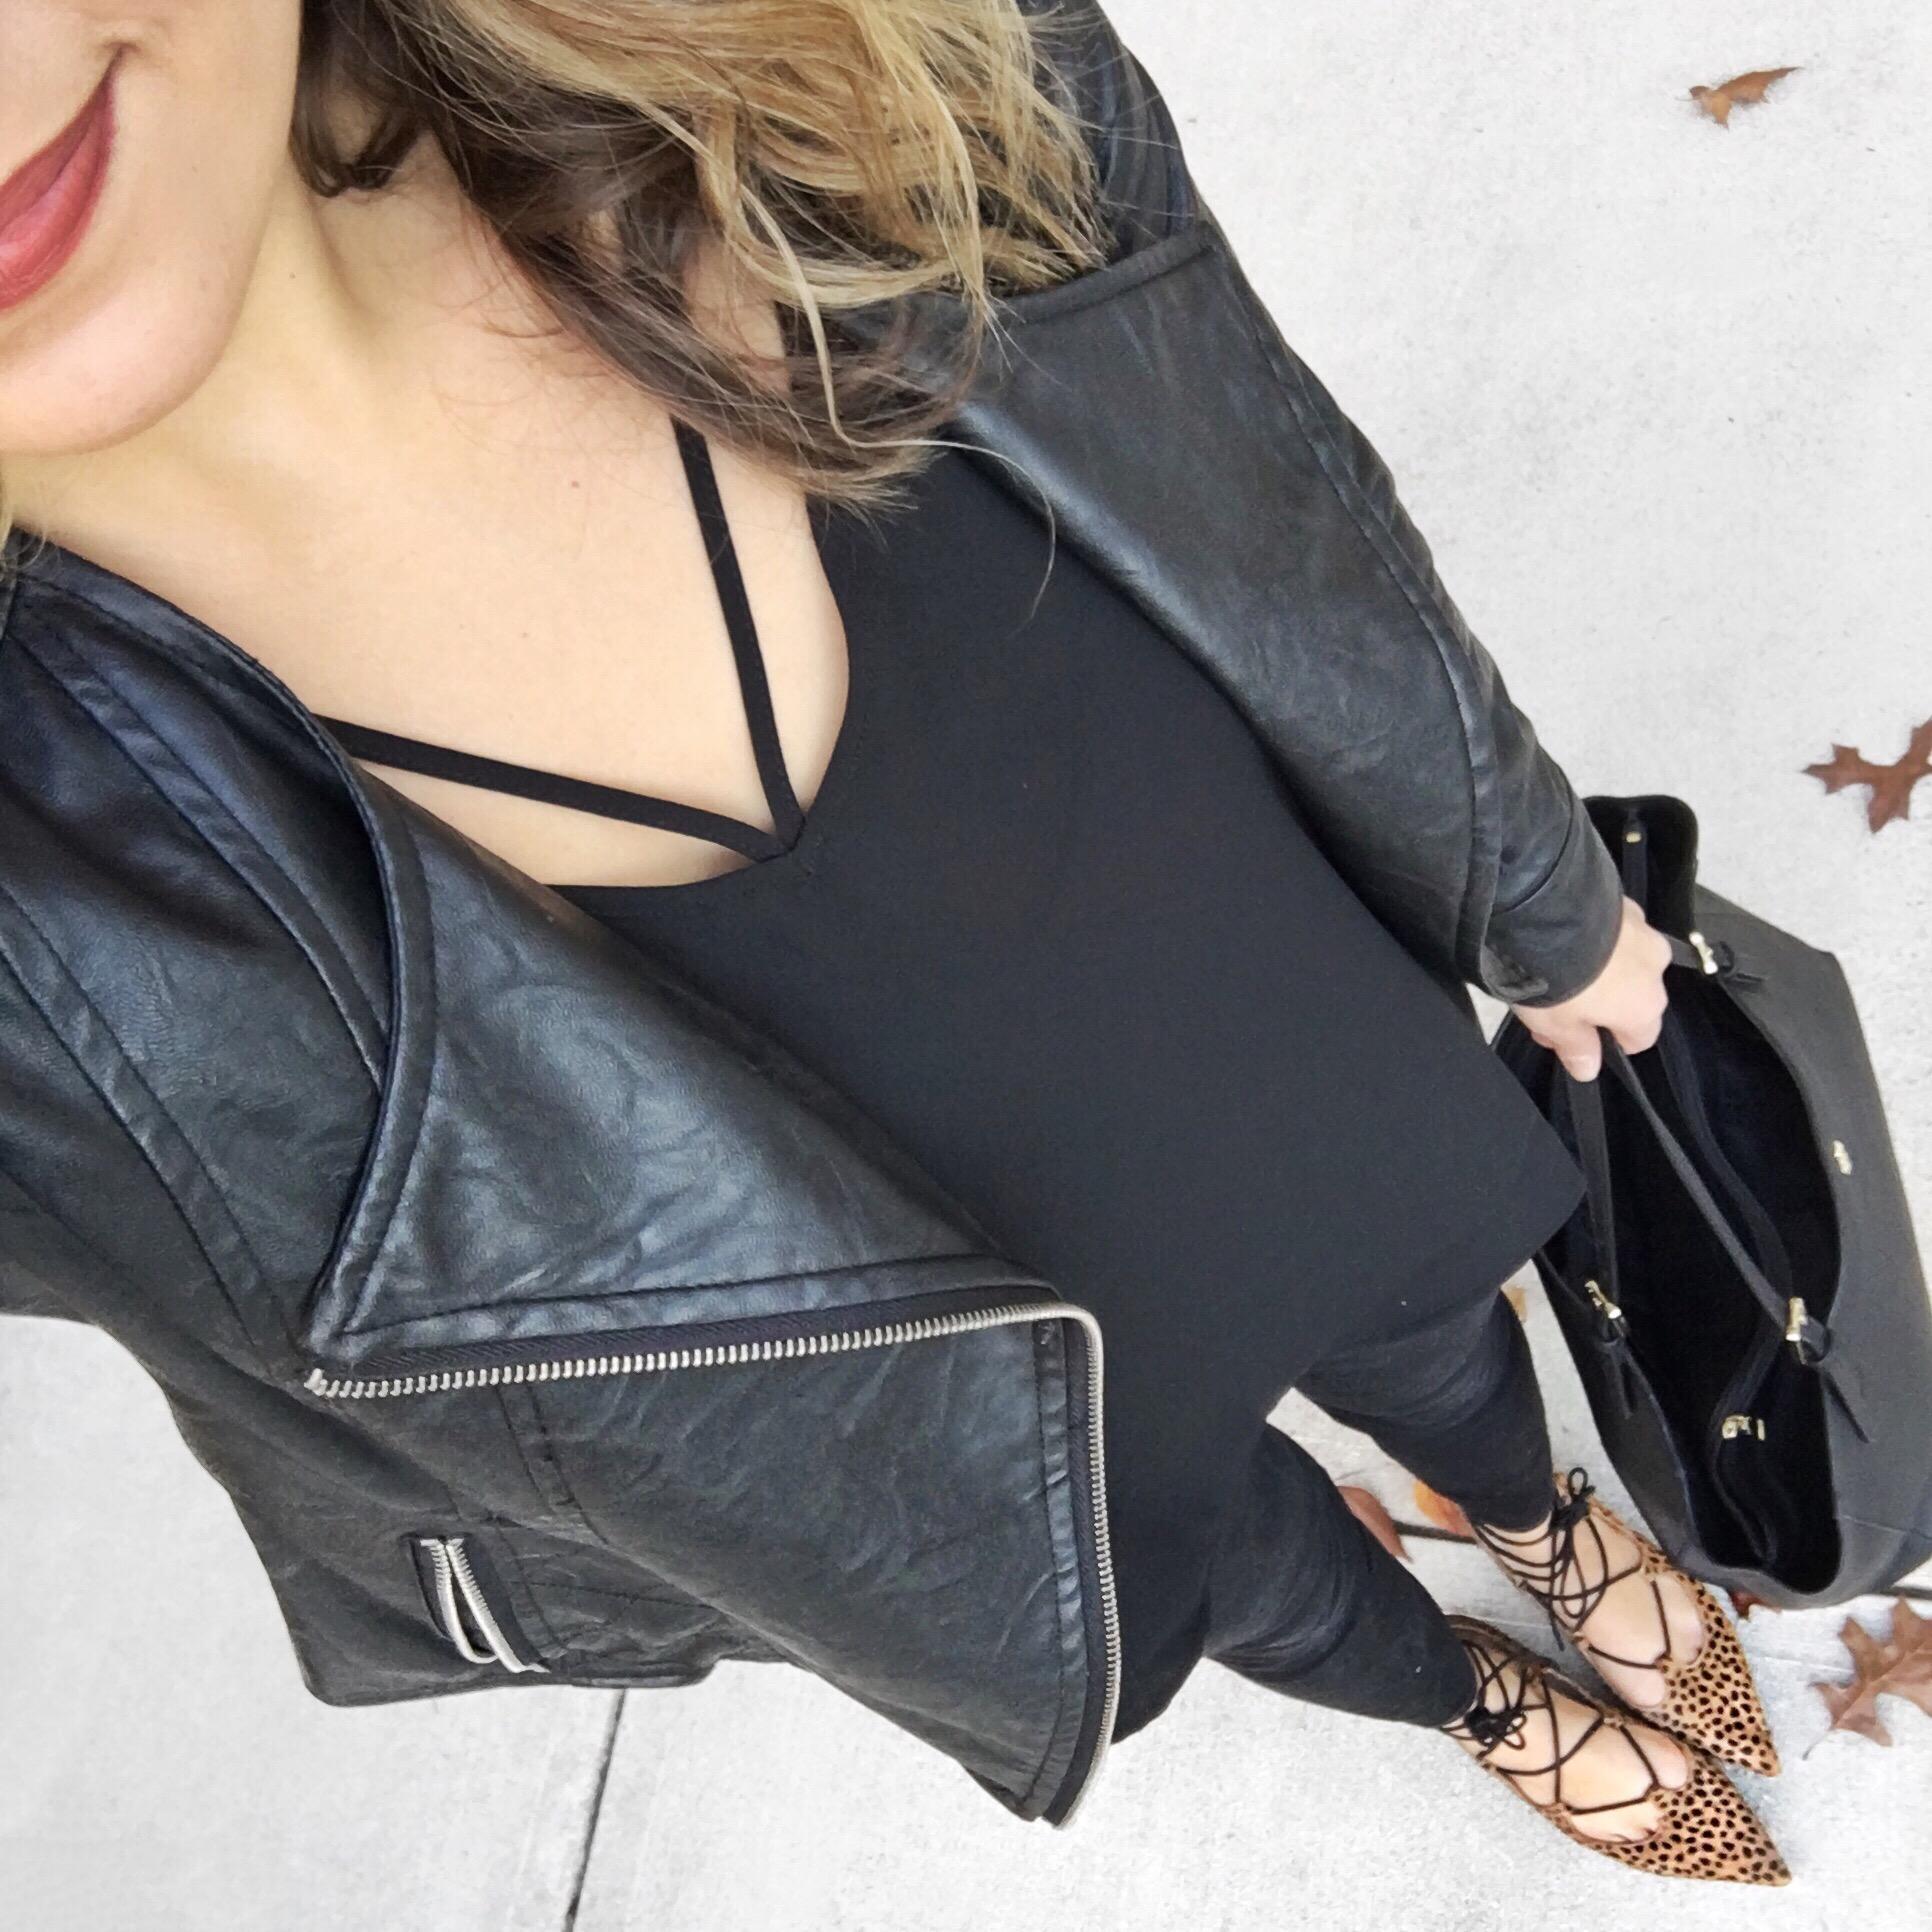 all black outfit - bylaurenm instagram | bylaurenm.com